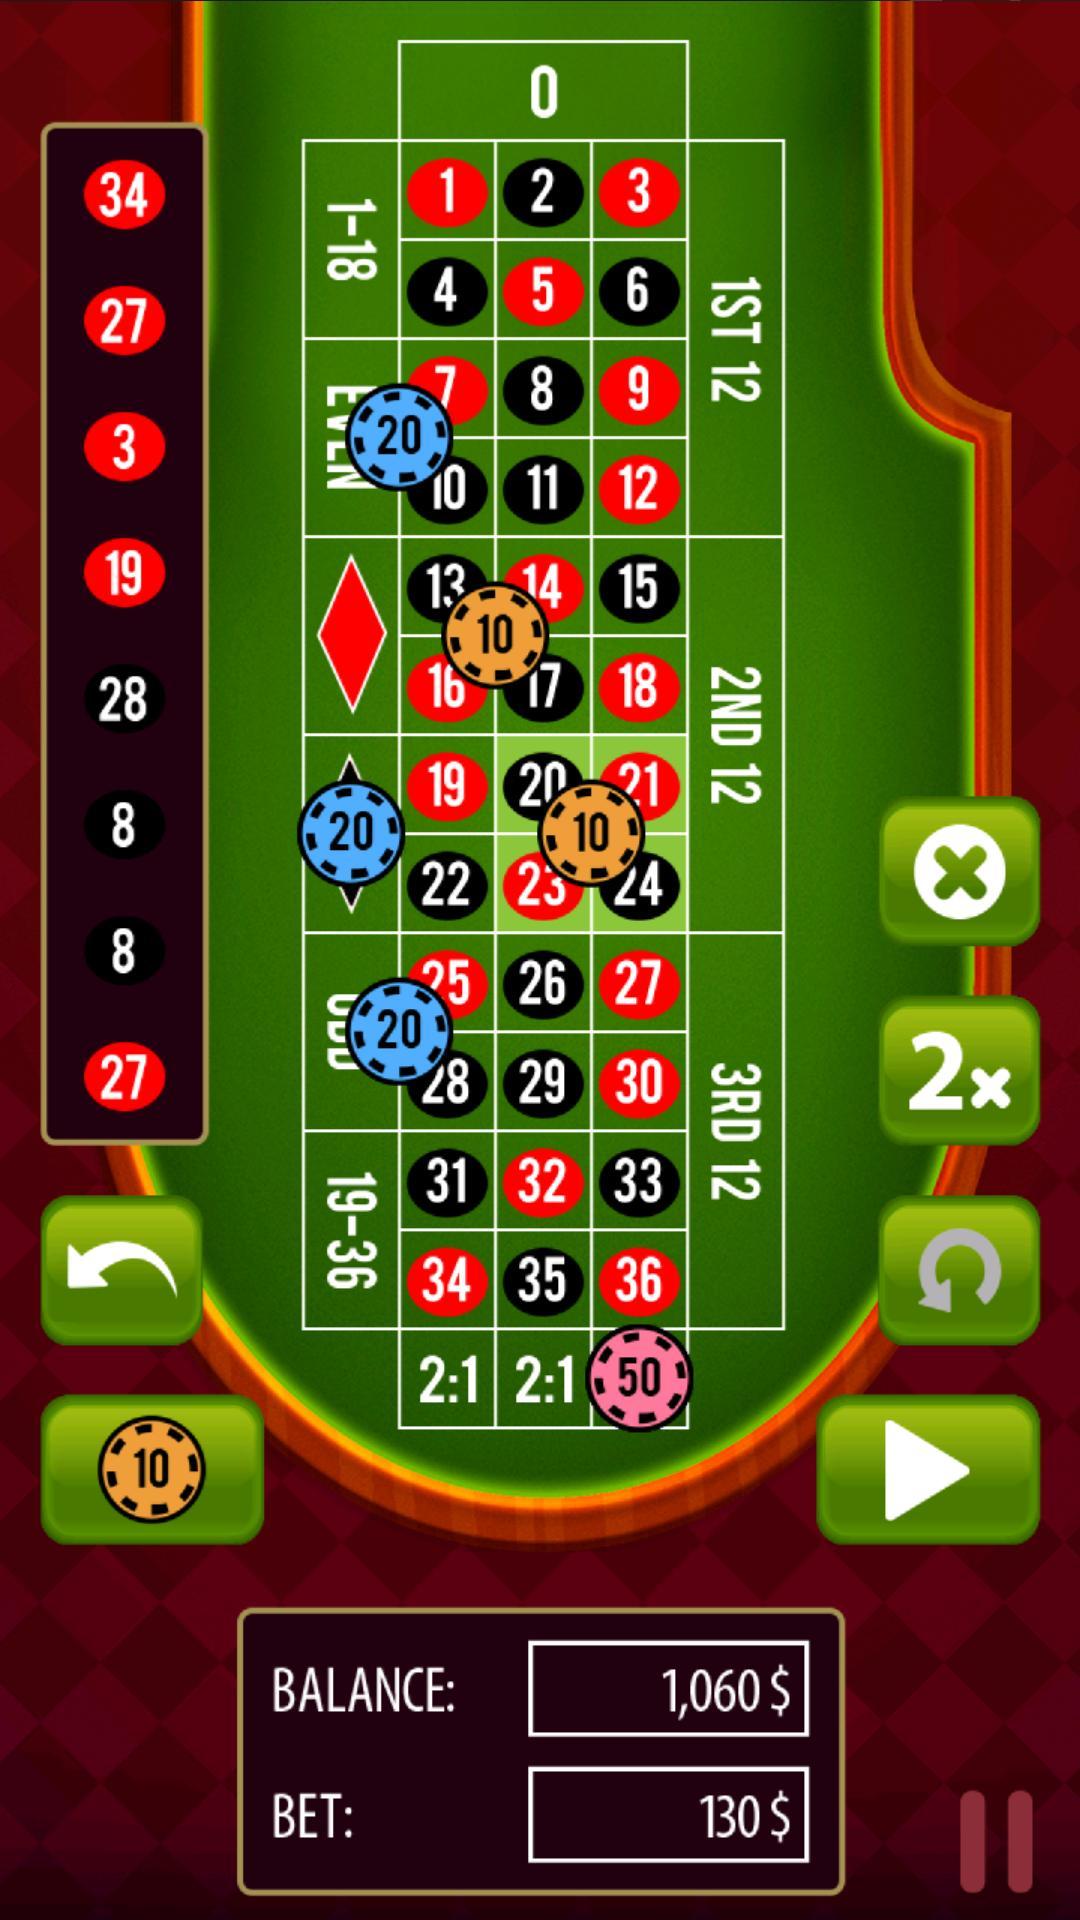 Скачать игру казино рулетка на андроид ибица казино строгино